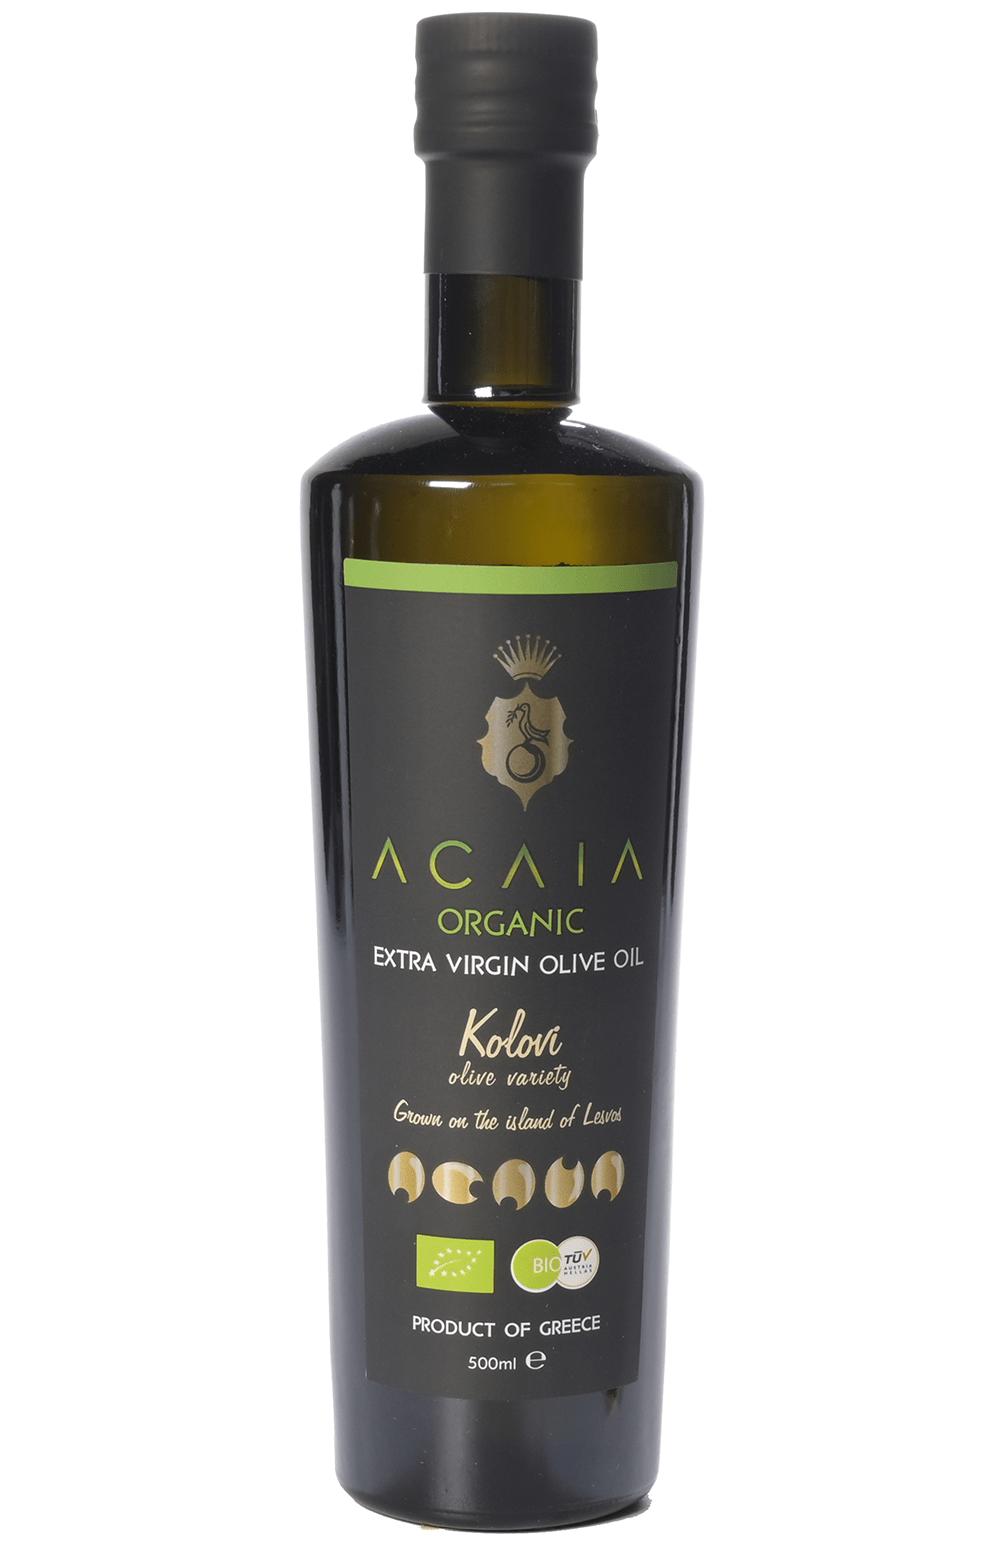 Acaia Organic